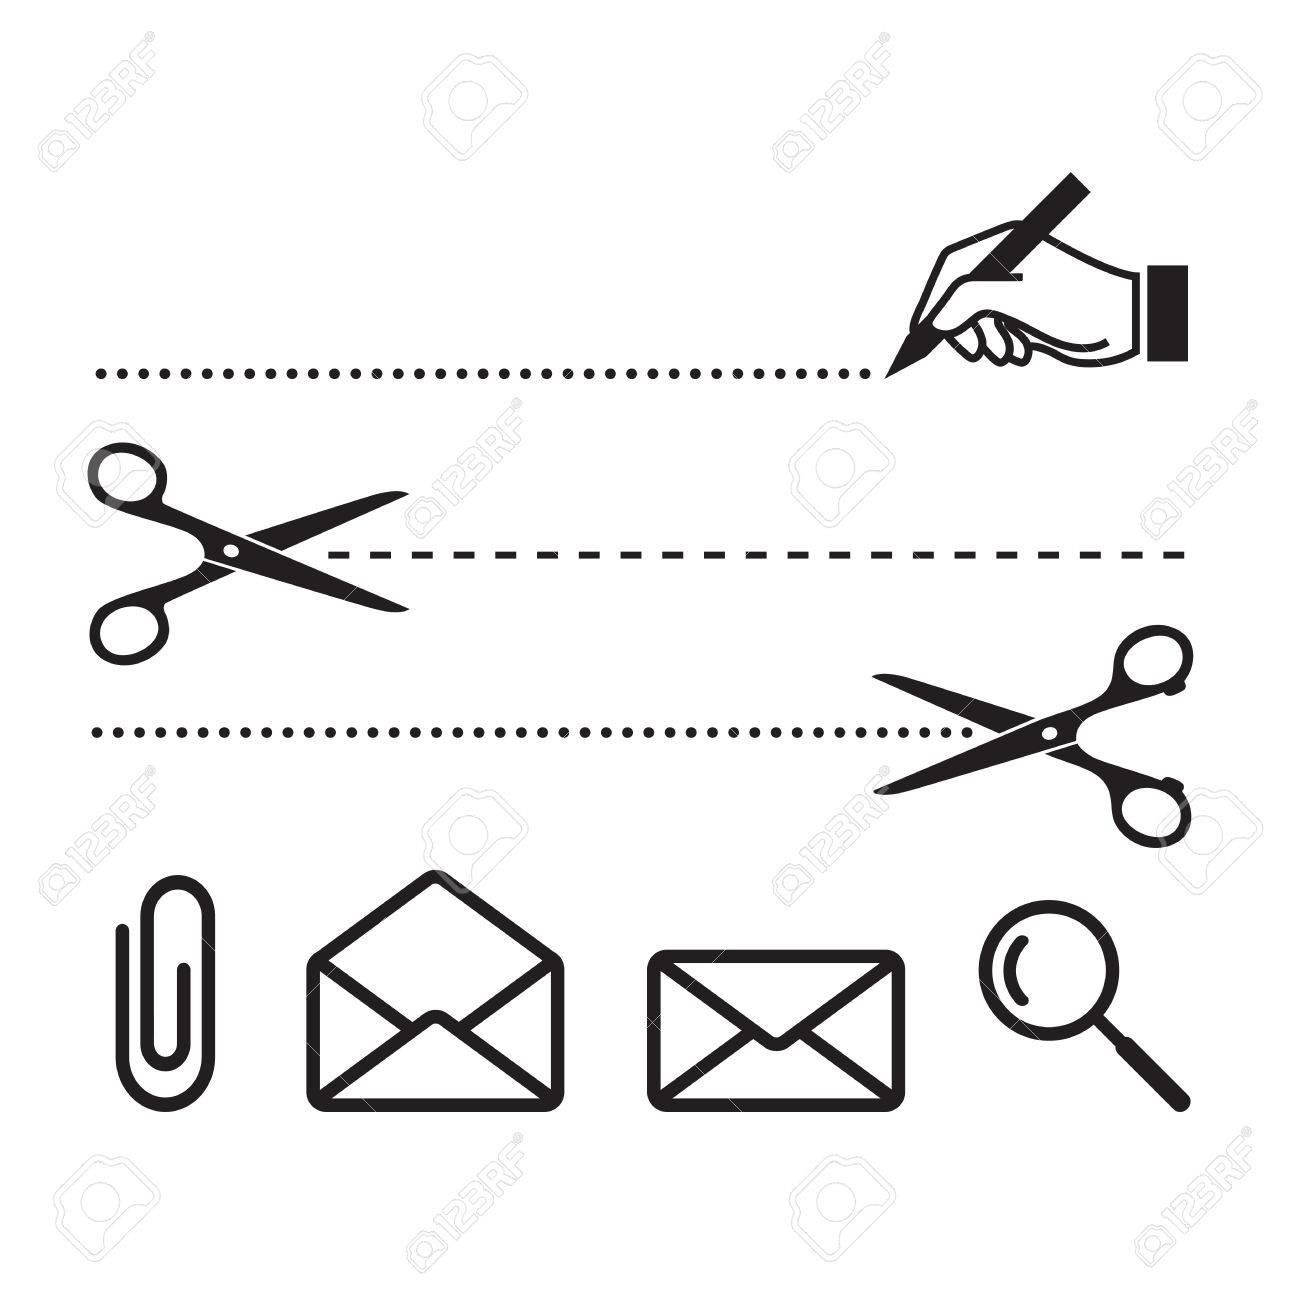 Vector Schere Geschnitten Linien Und Symbole Für Notebook, Form Oder ...